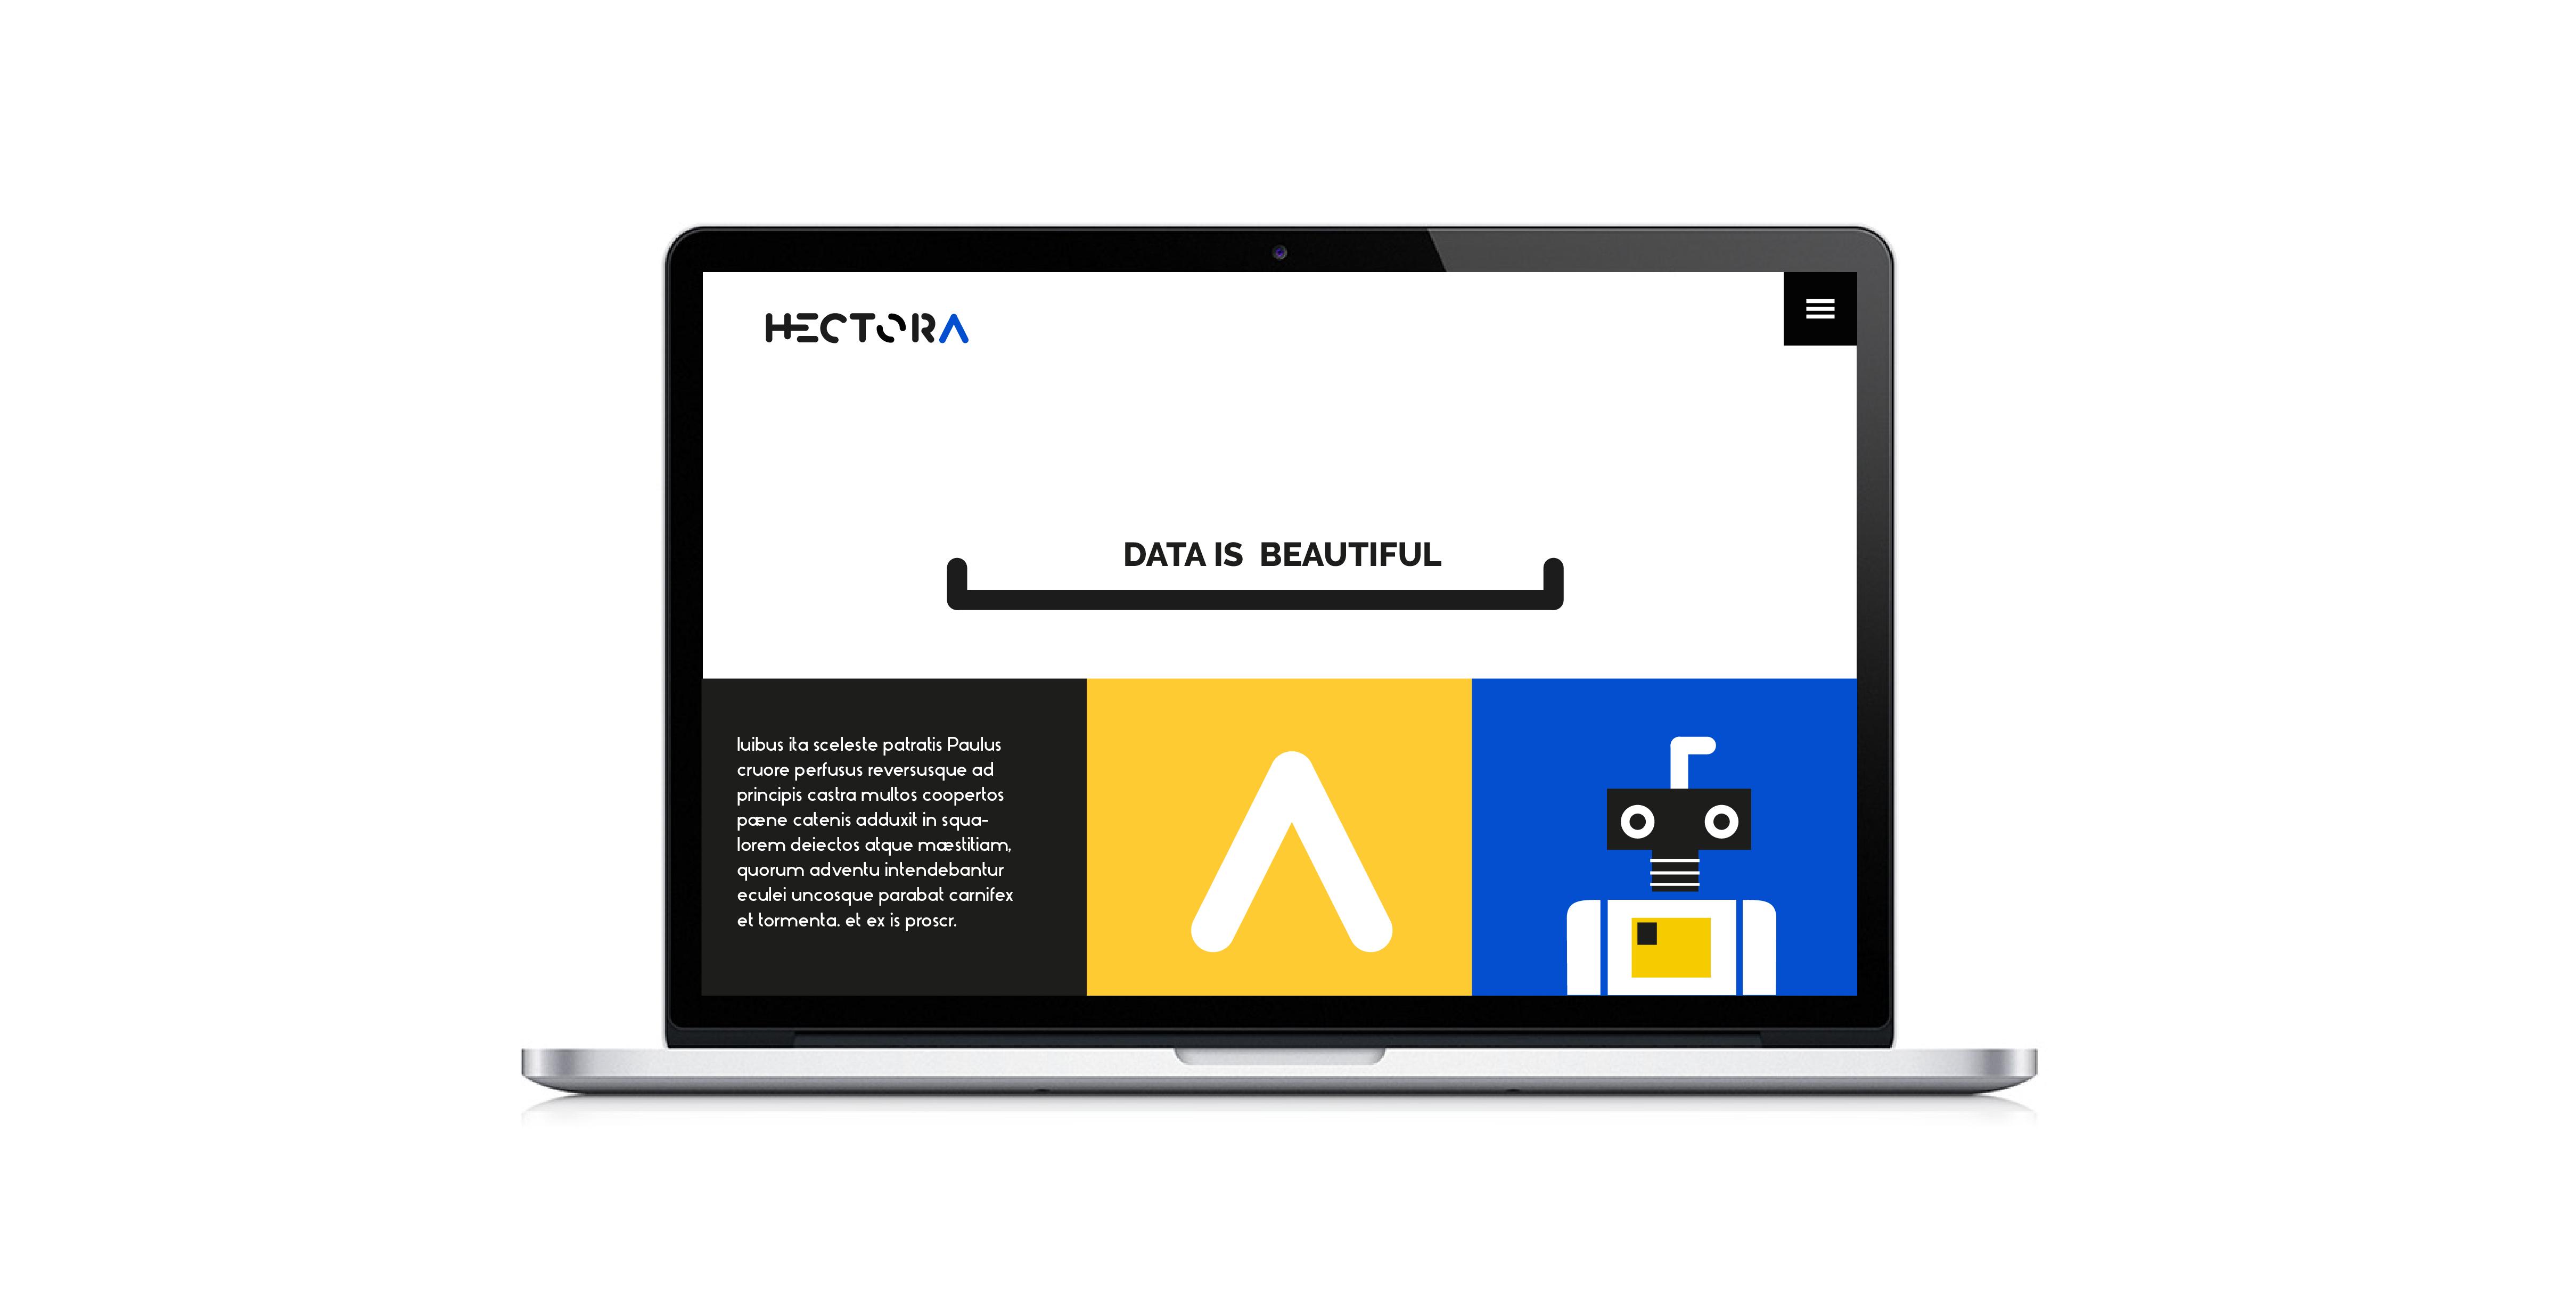 HECTORA_MOCKUP-03